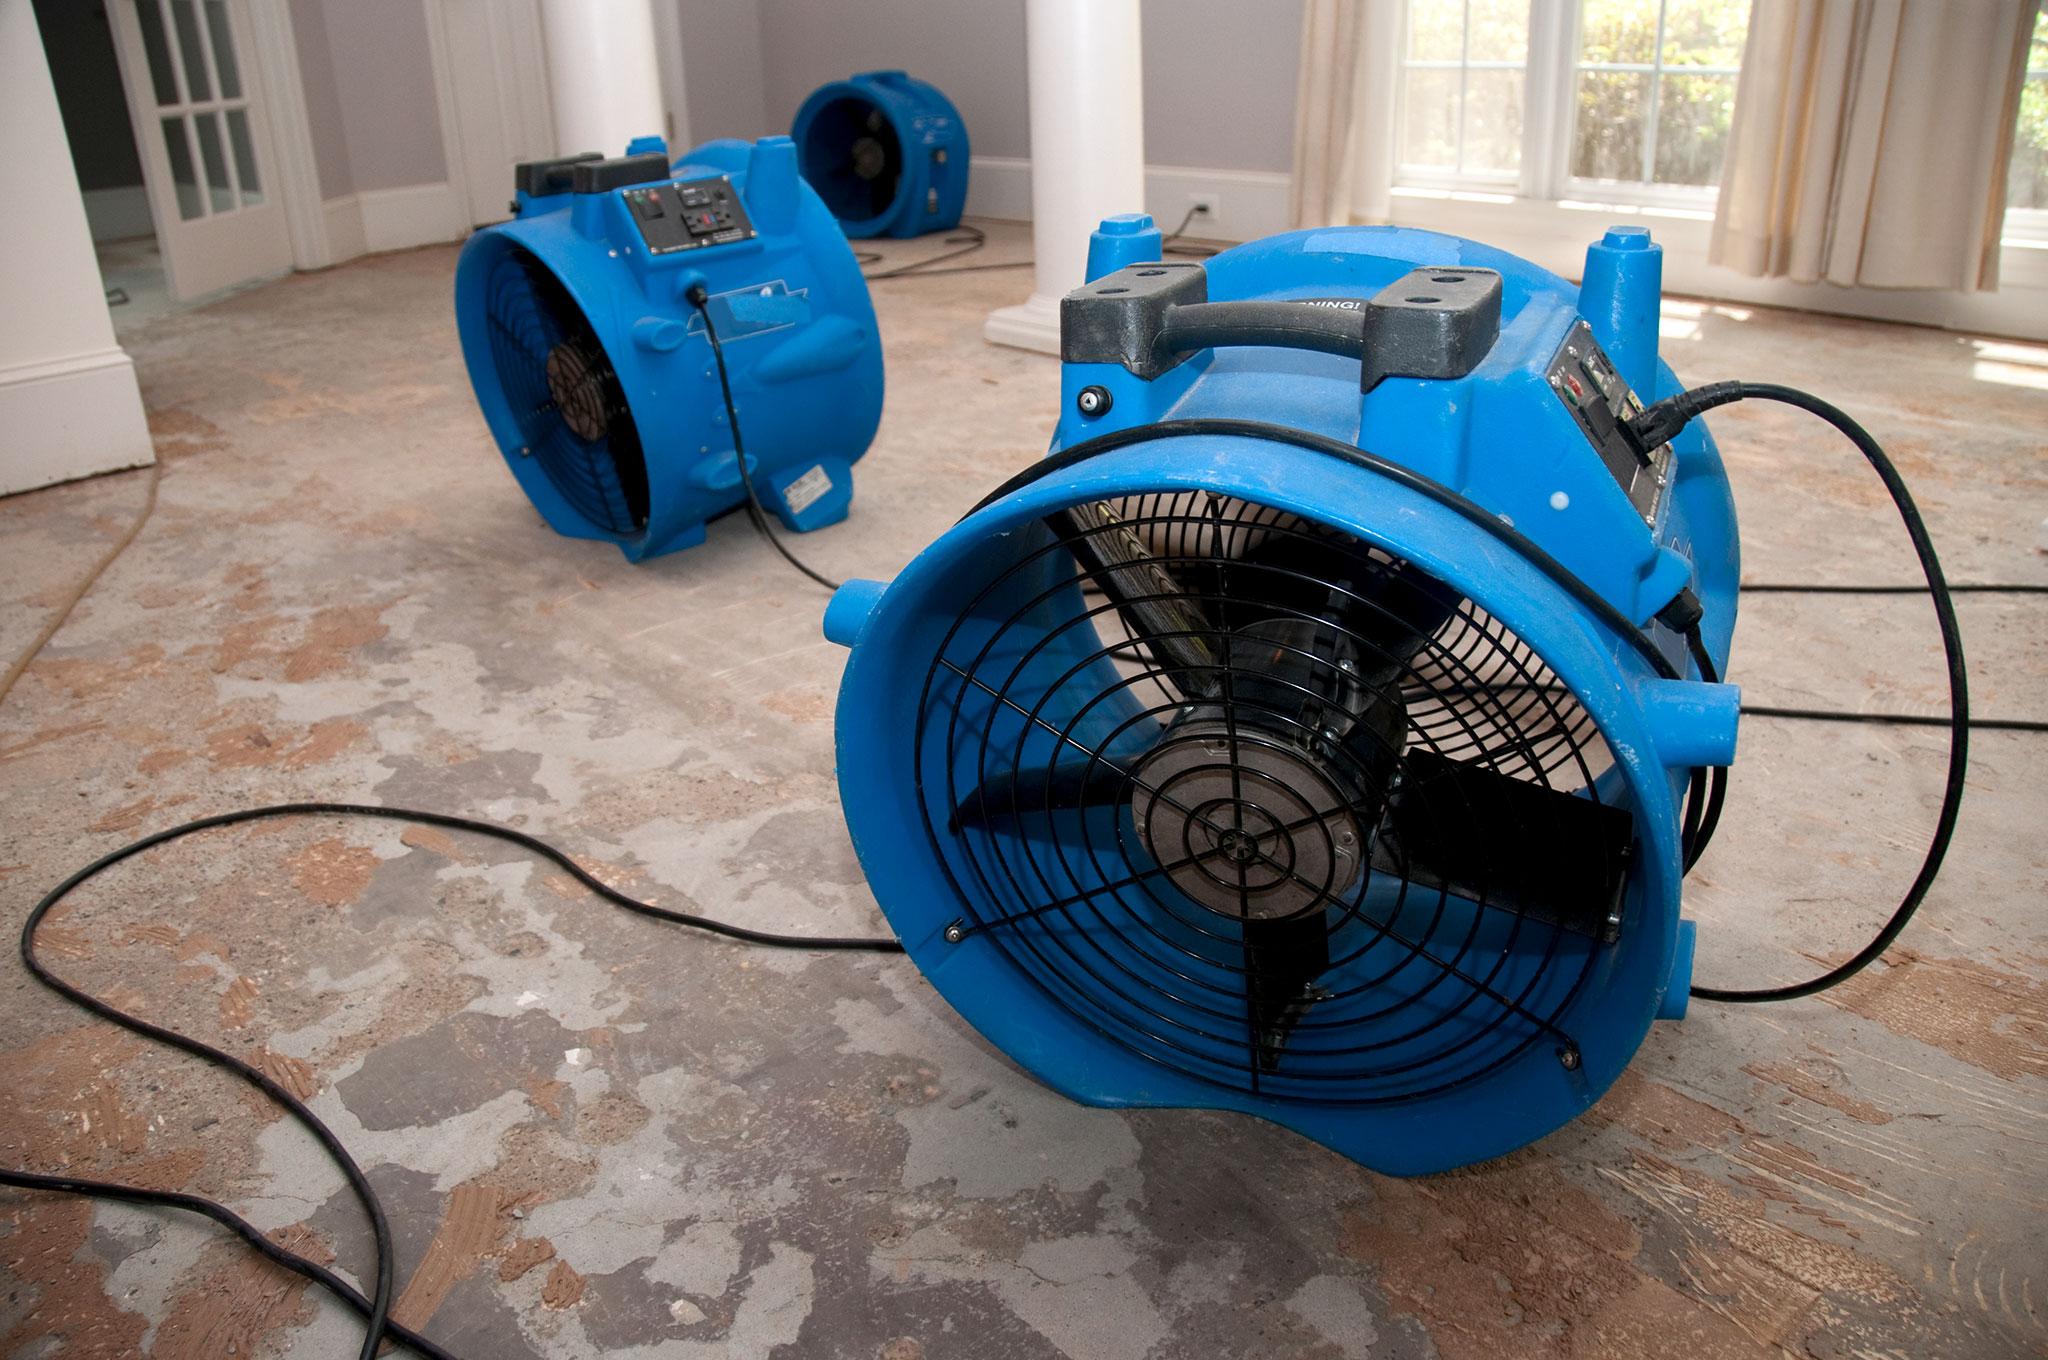 Trocknungsgeräte und Ventilatoren